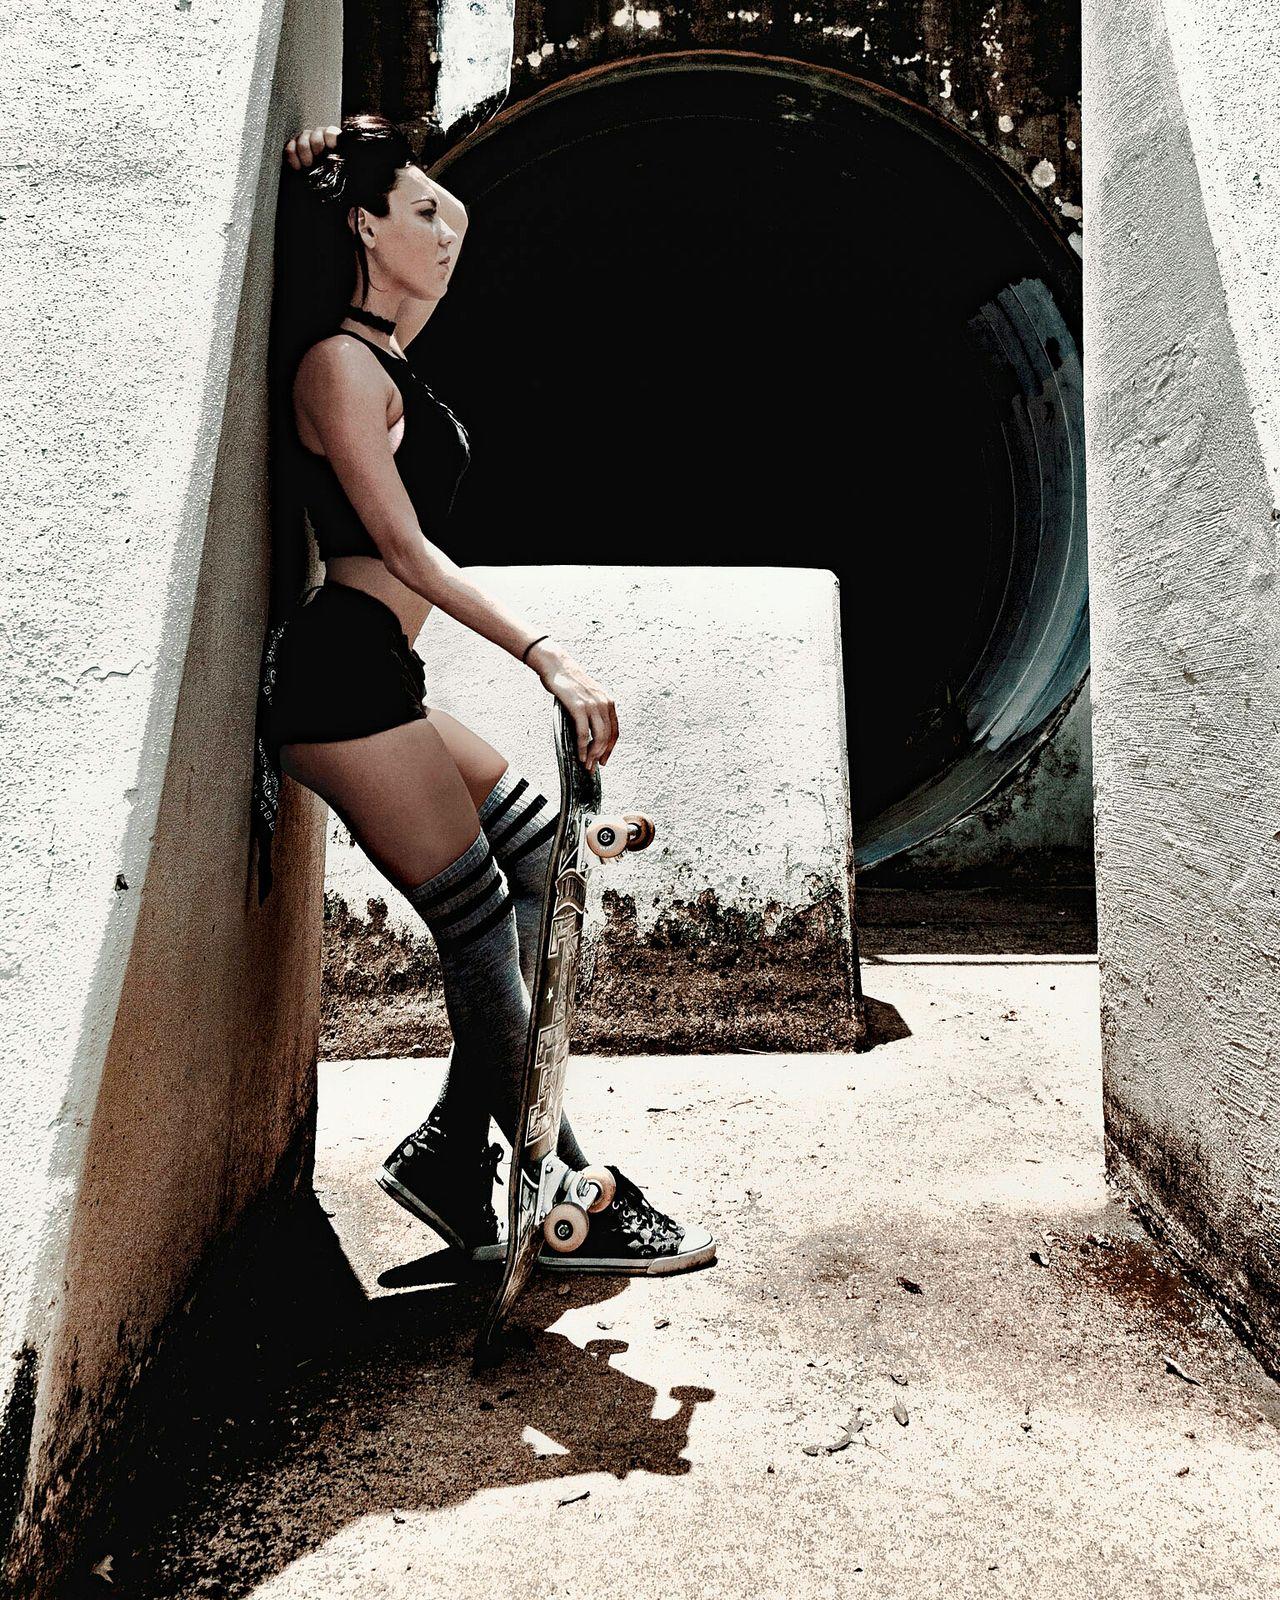 Sk8r. Model Skateboarding Skater Girl Urban Urbanstyle Streetstyle Beautiful Girl Modelstatus Badasschick